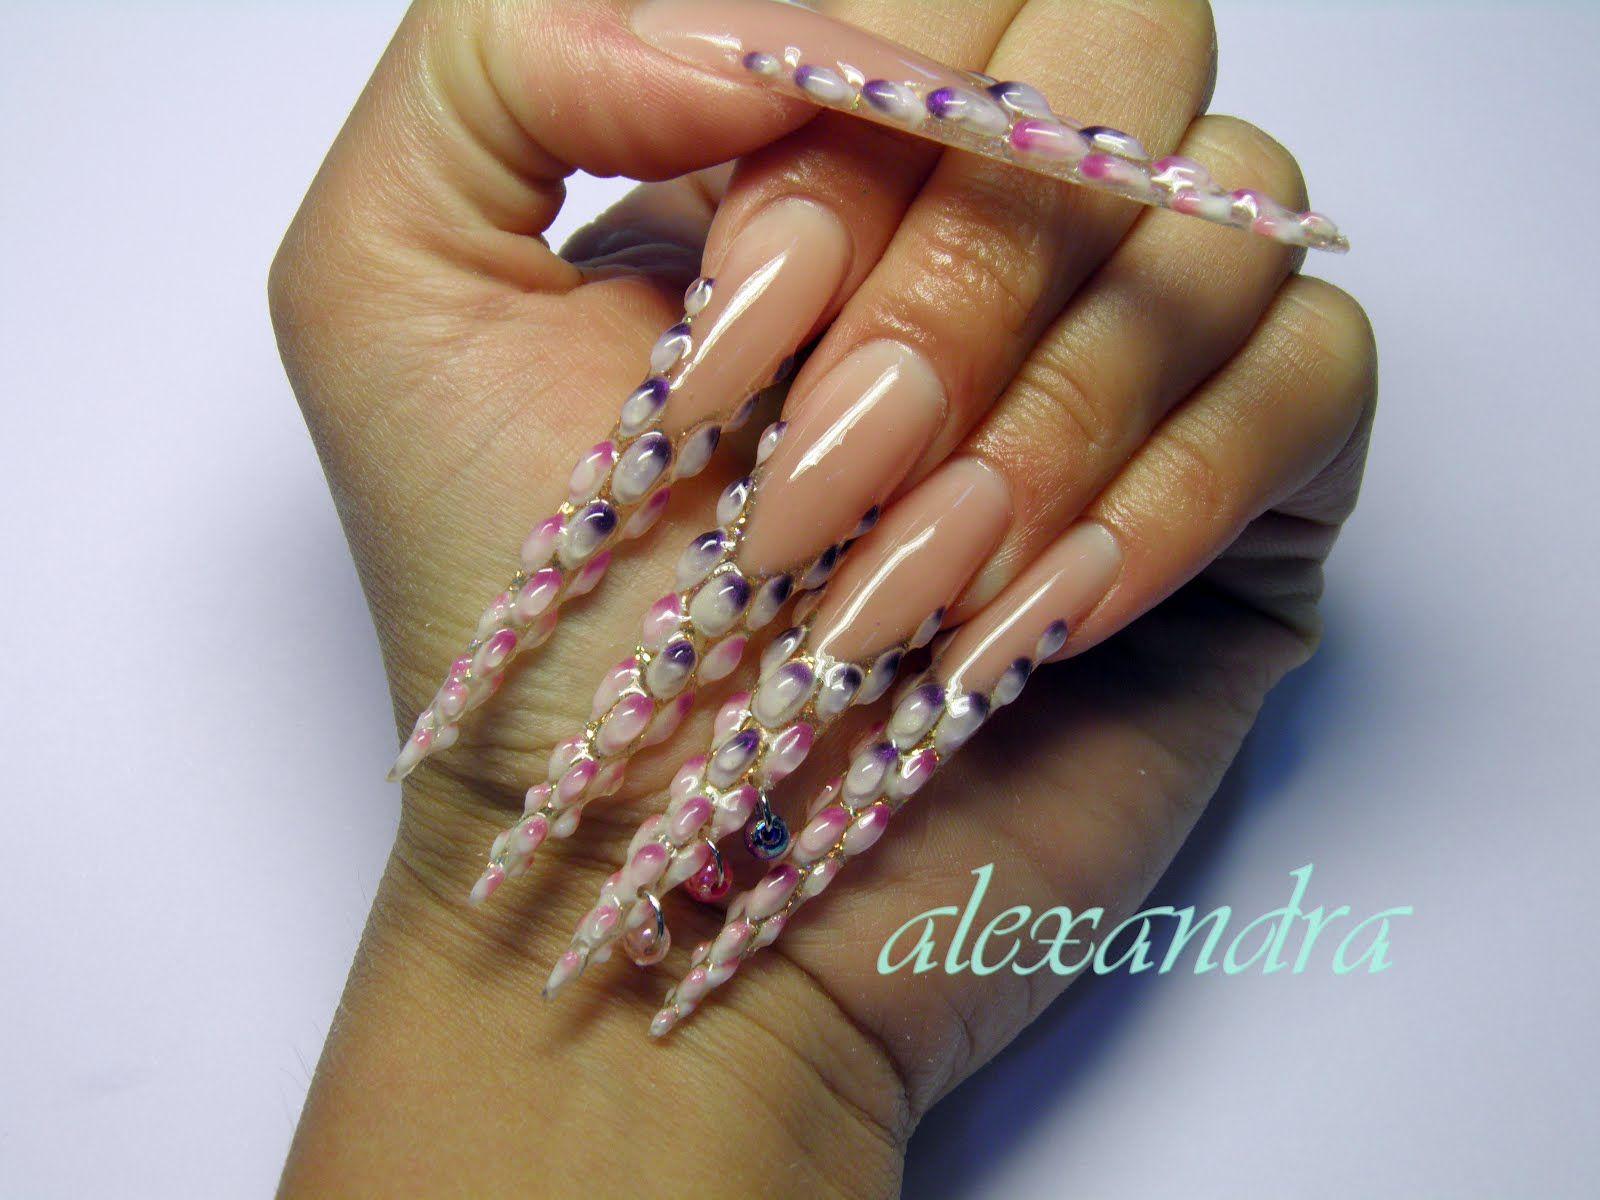 images of 3D nail art | 3d nails designs - nail art stiletto nail ...